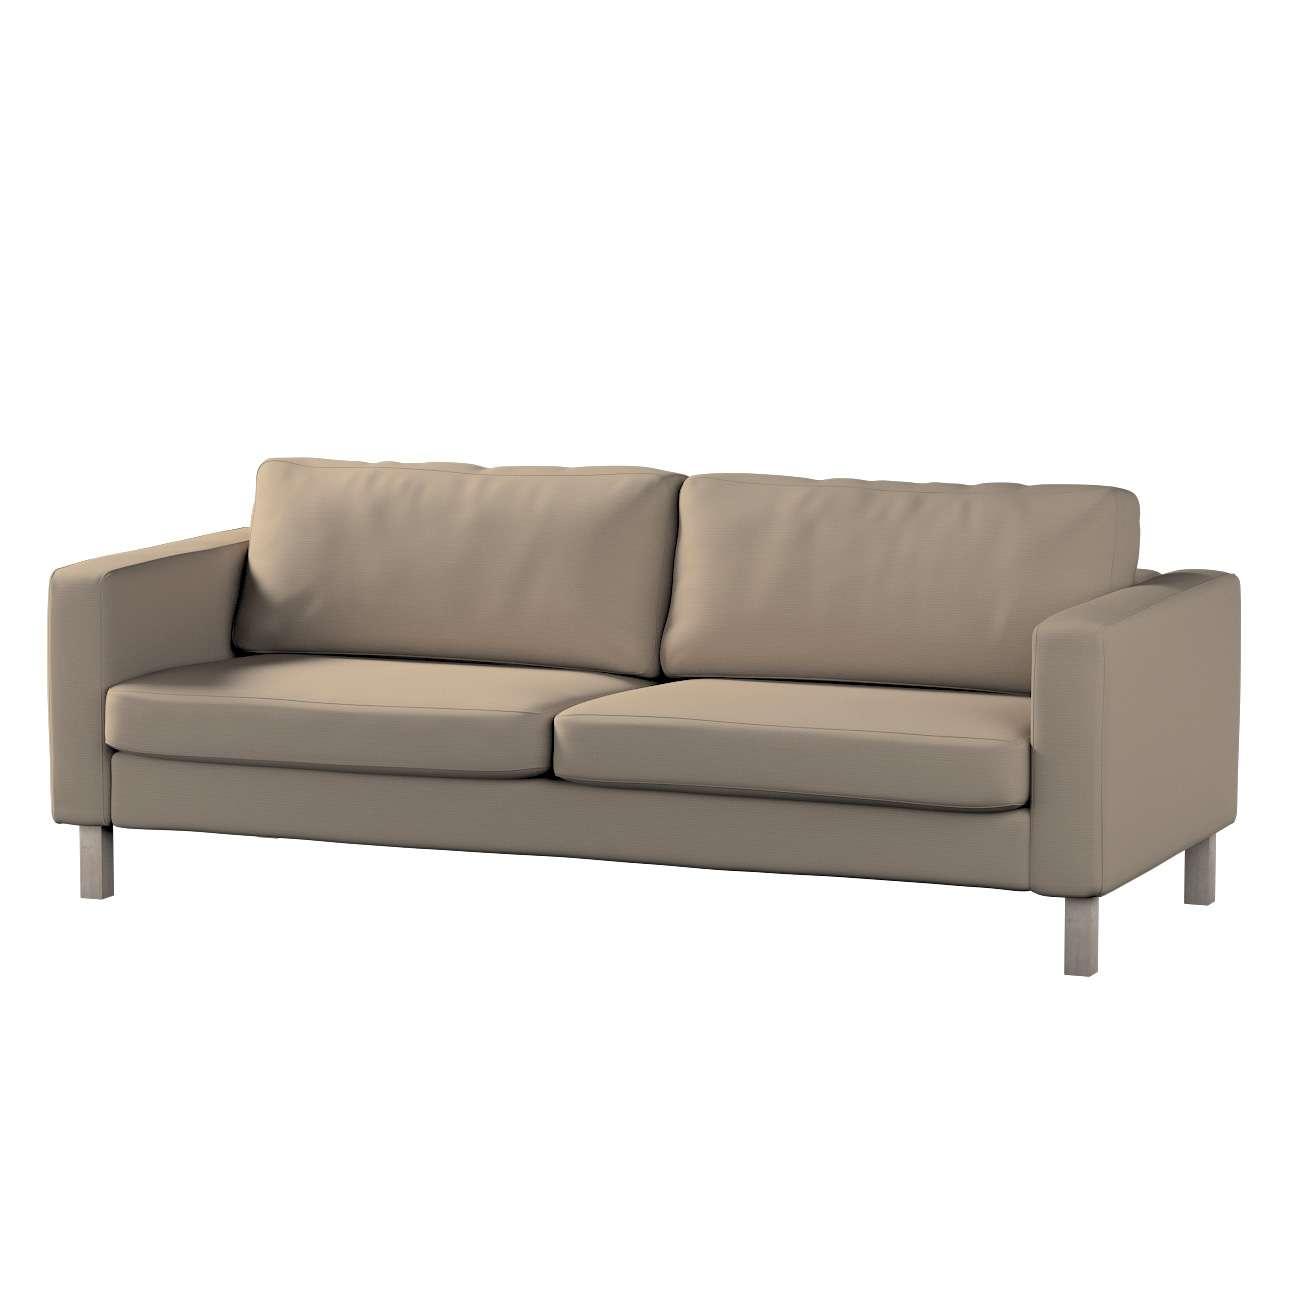 Karlstad sofos-lovos užvalkalas Karlstad trivietės sofos-lovos užvalkalas (išlankstomai sofai) kolekcijoje Cotton Panama, audinys: 702-28